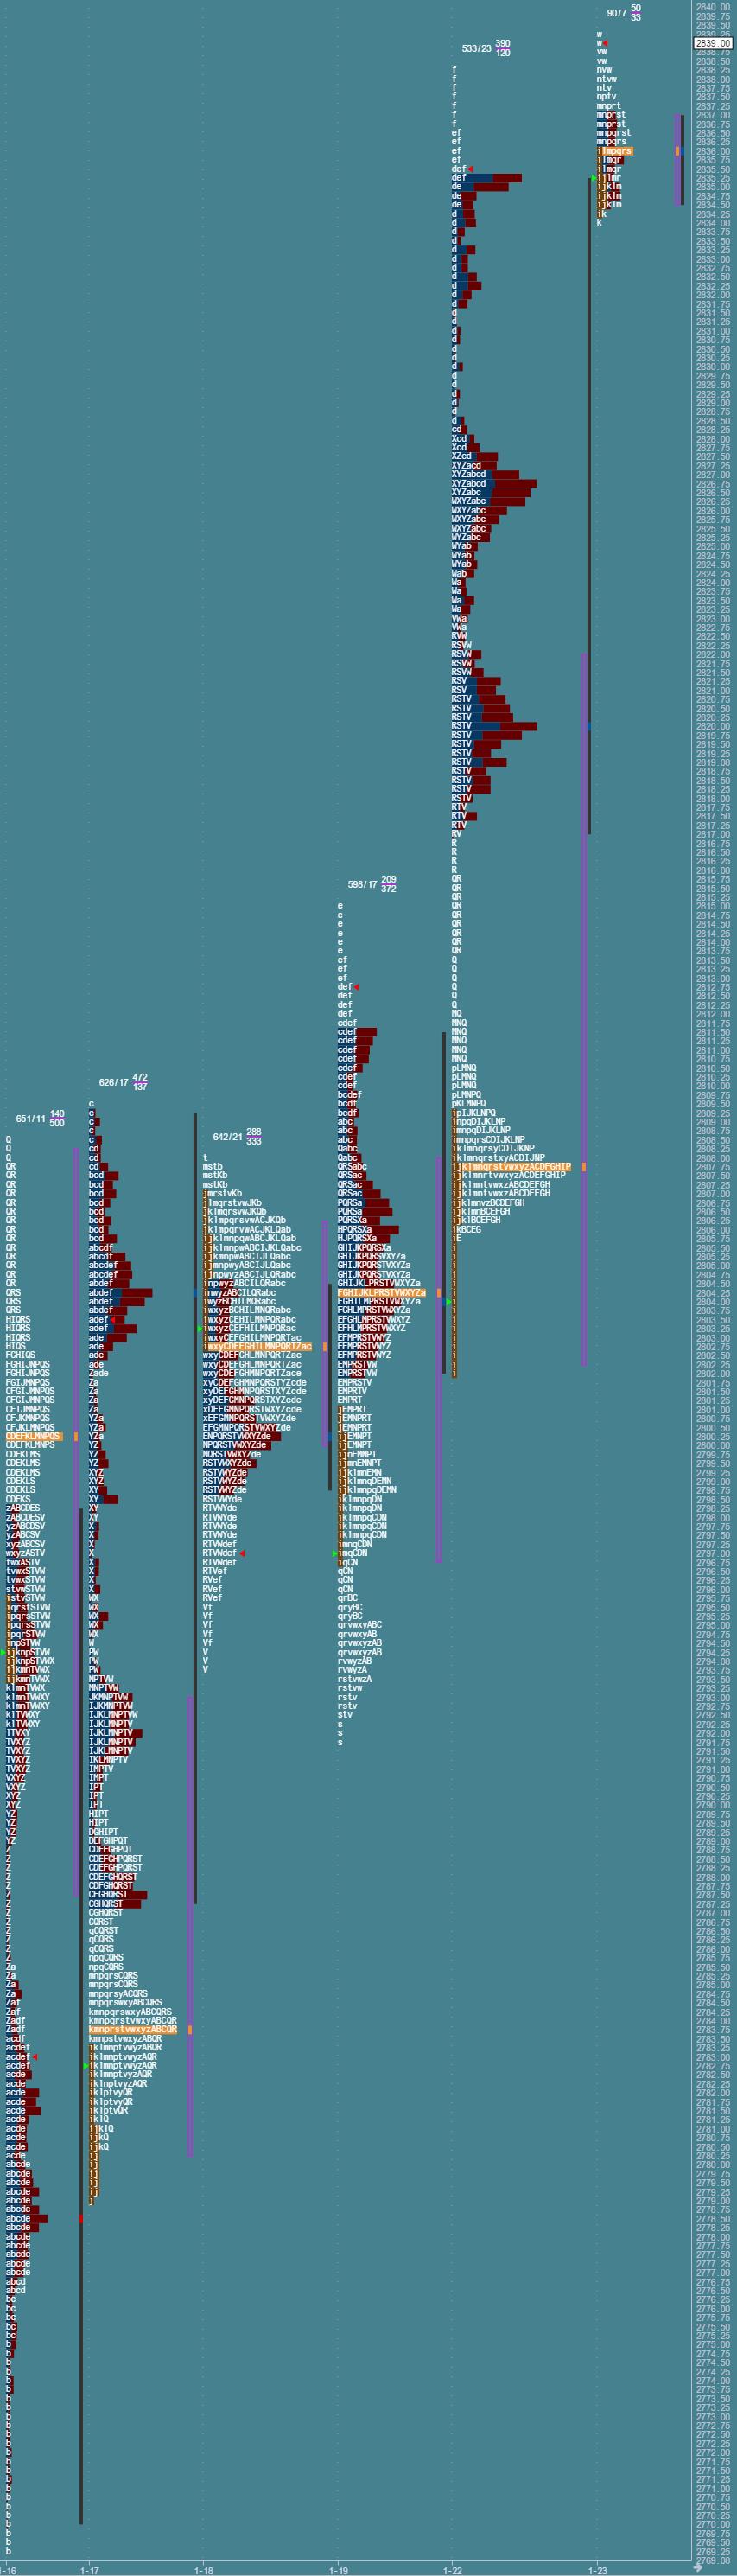 Przygotowane do sesji: market profile z 23 stycznia